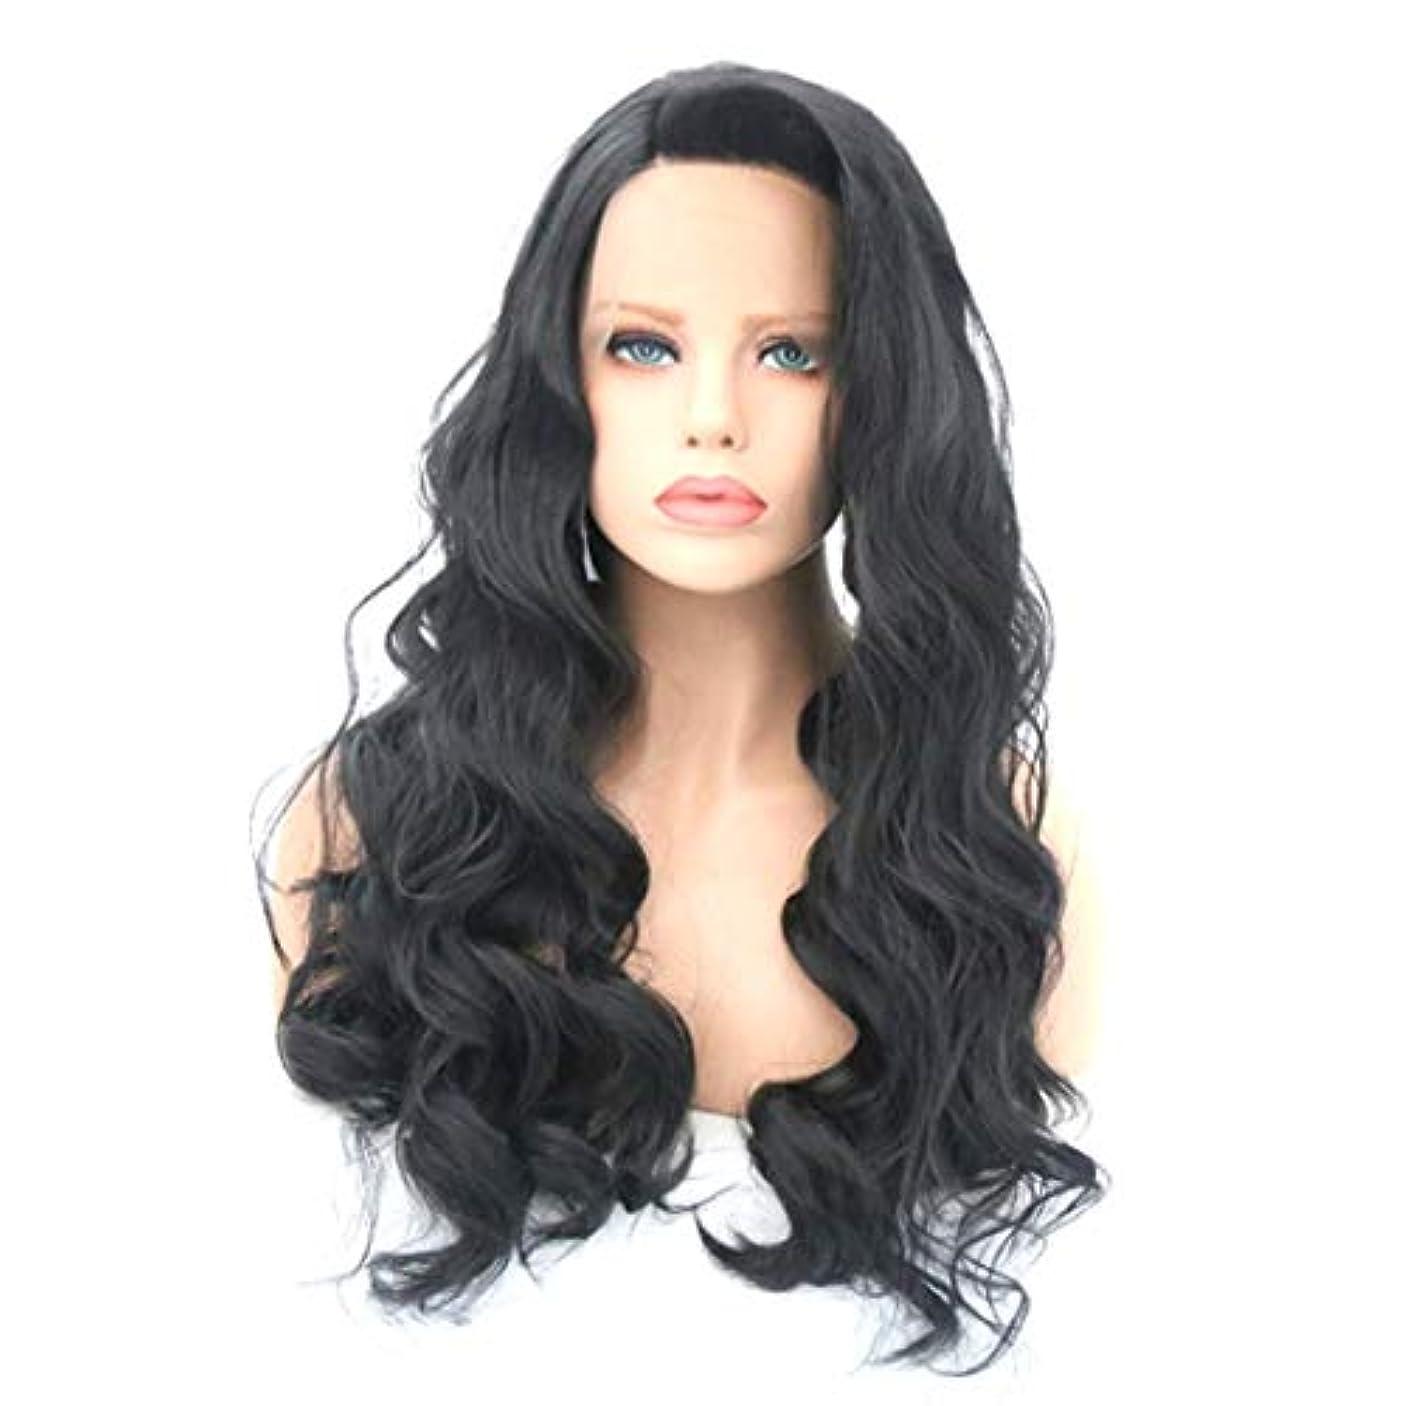 妥協藤色グリットKerwinner かつら女性のための大きな波状の巻き毛の耐熱性長い巻き毛のかつら (Size : 16 inches)